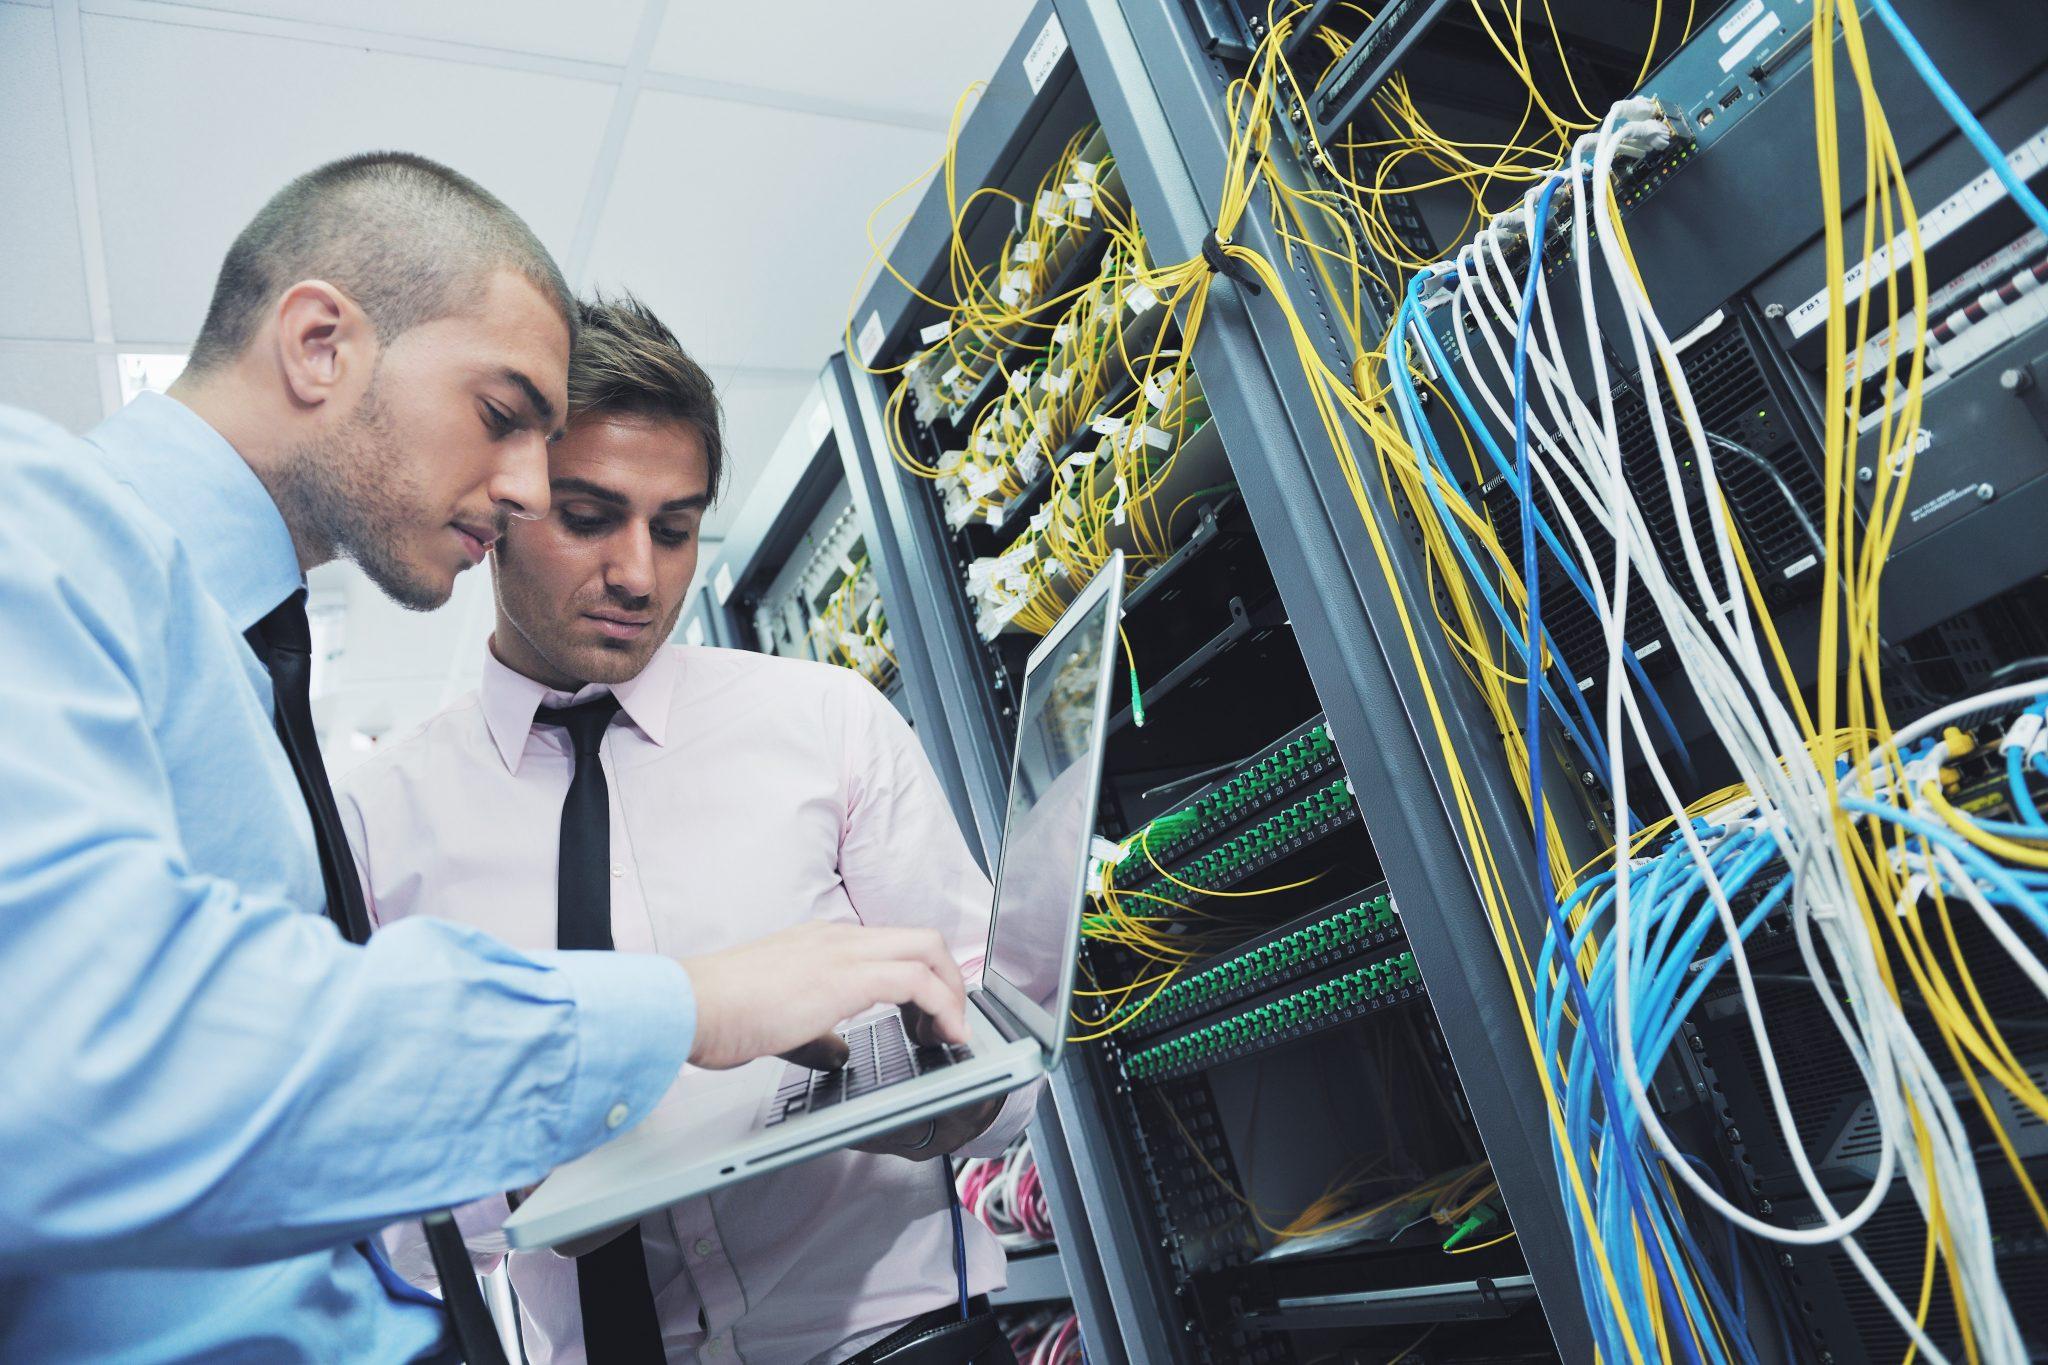 Enterprise IT Consulting & Services Enterprise IT Services 844-487-7283 https://www.arnettgroup.net